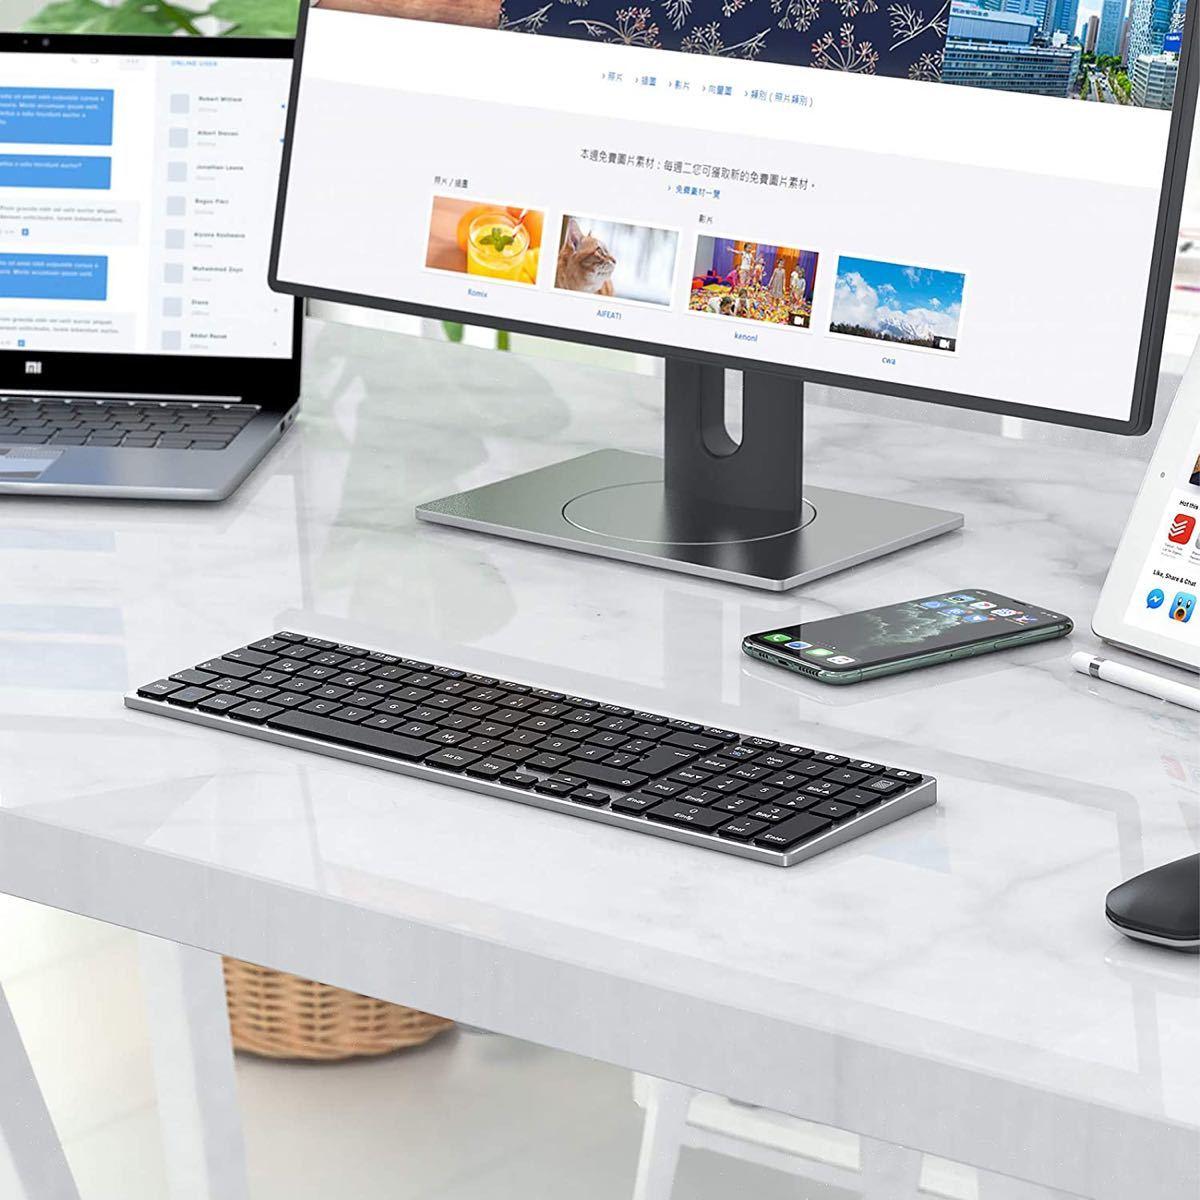 Bluetooth キーボード 4台同時接続可能 ワイヤレスキーボード